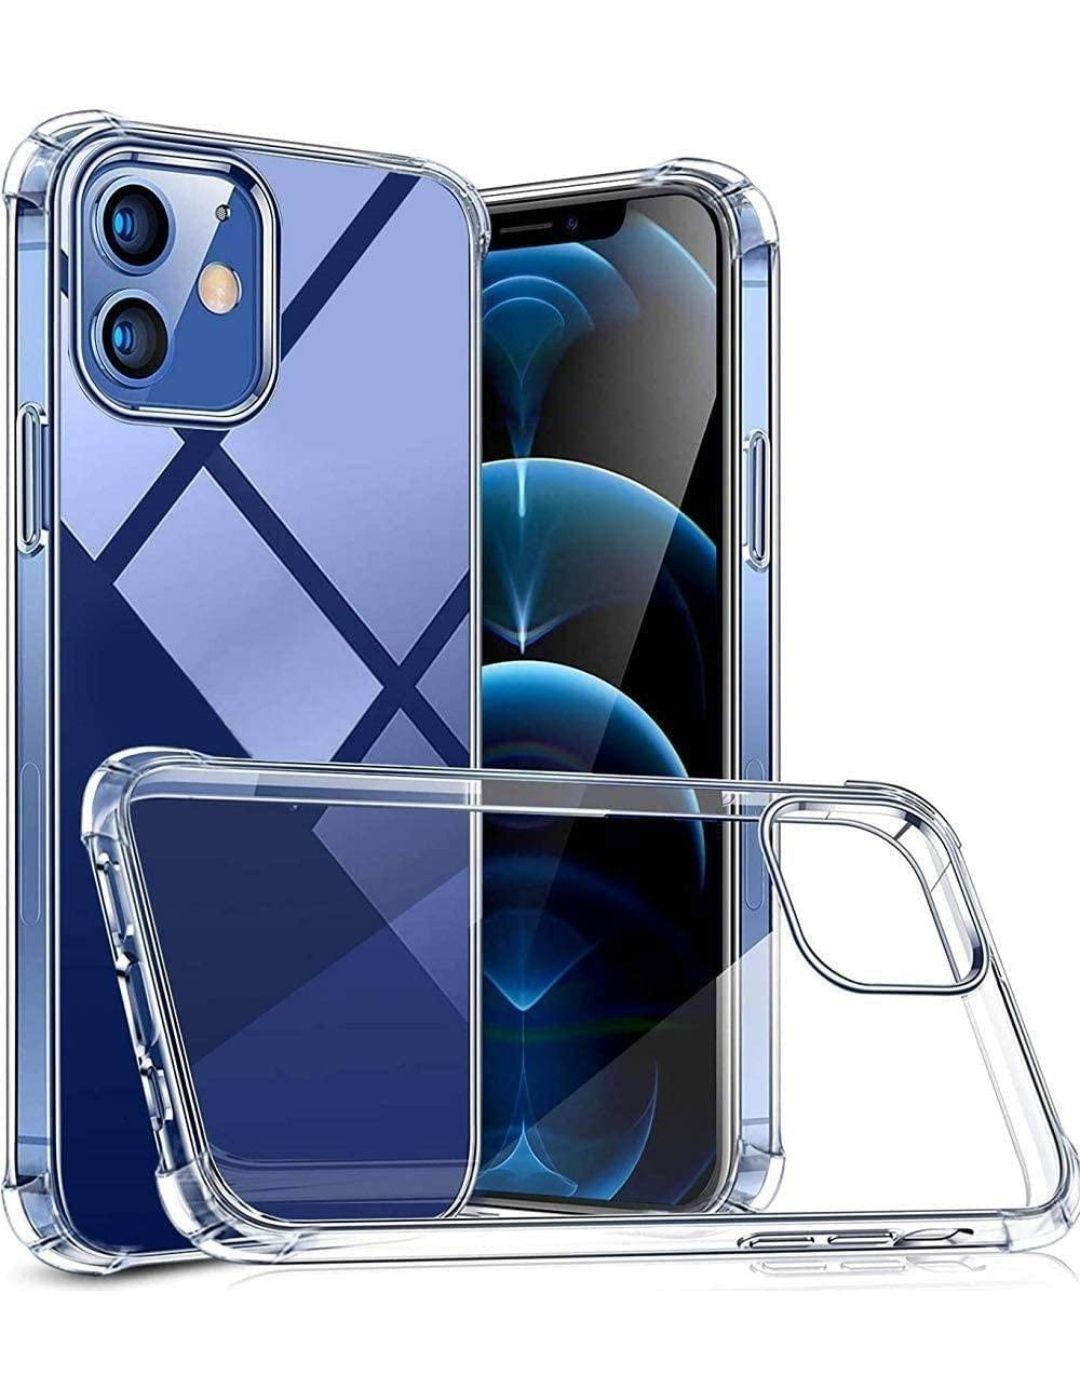 Funda iPhone 12 y 12 Pro , transparente , protectora contra caidas, Ultra Fina